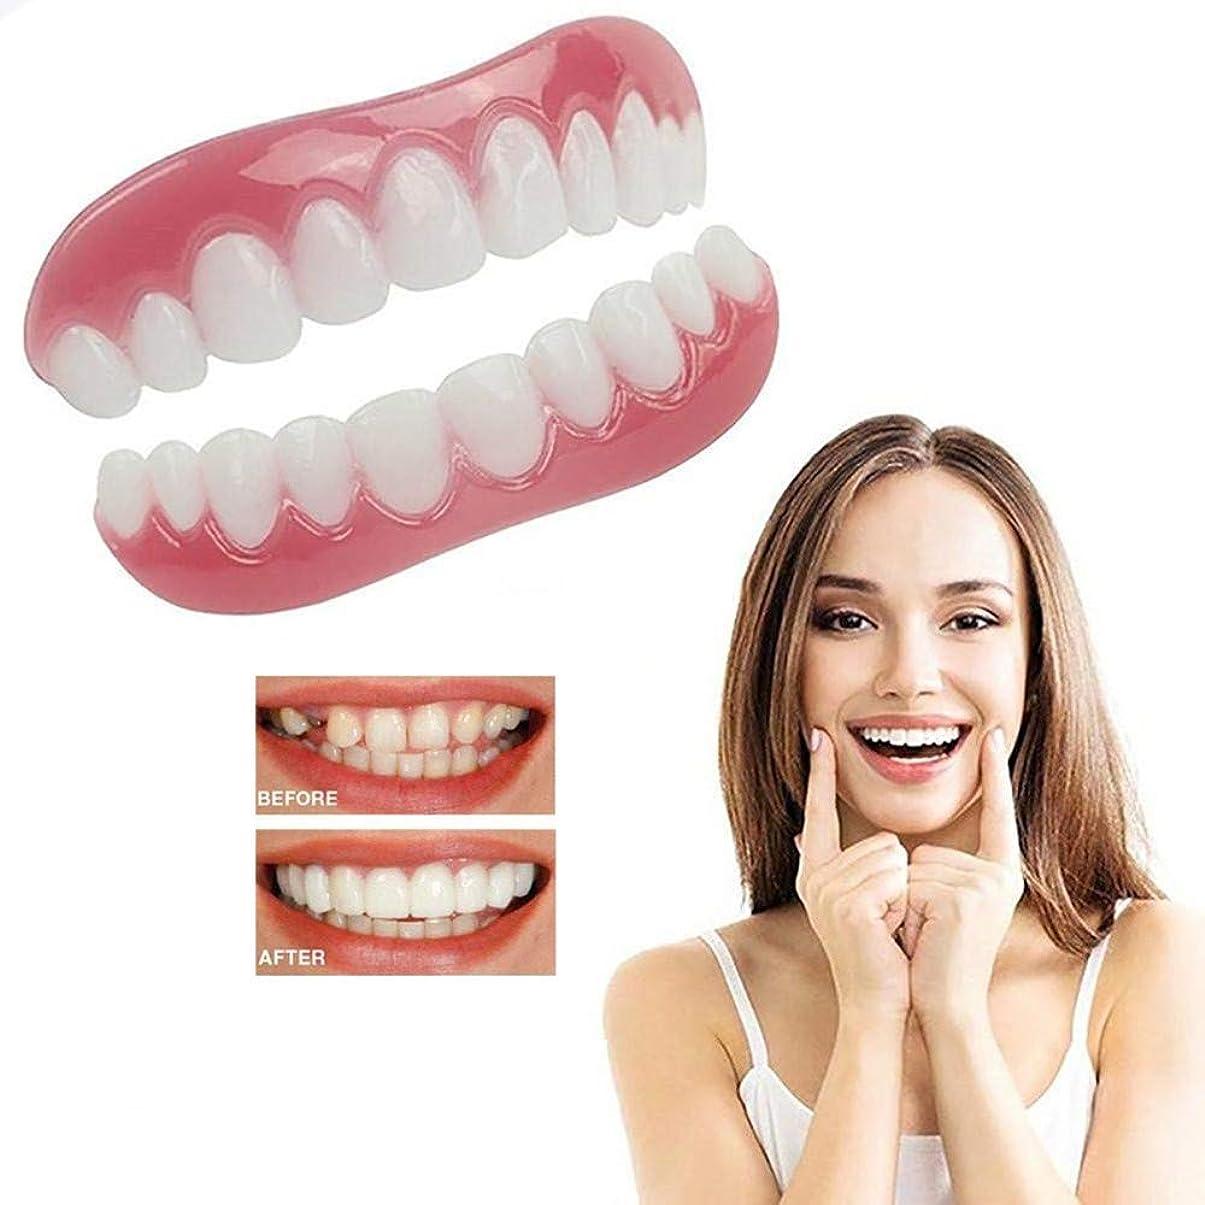 削除する記事開業医ホワイトニングシリコンブレース歯の上下を瞬時に微笑みベニヤの快適な化粧品すべての義歯ケアツールに適しています,4pairs